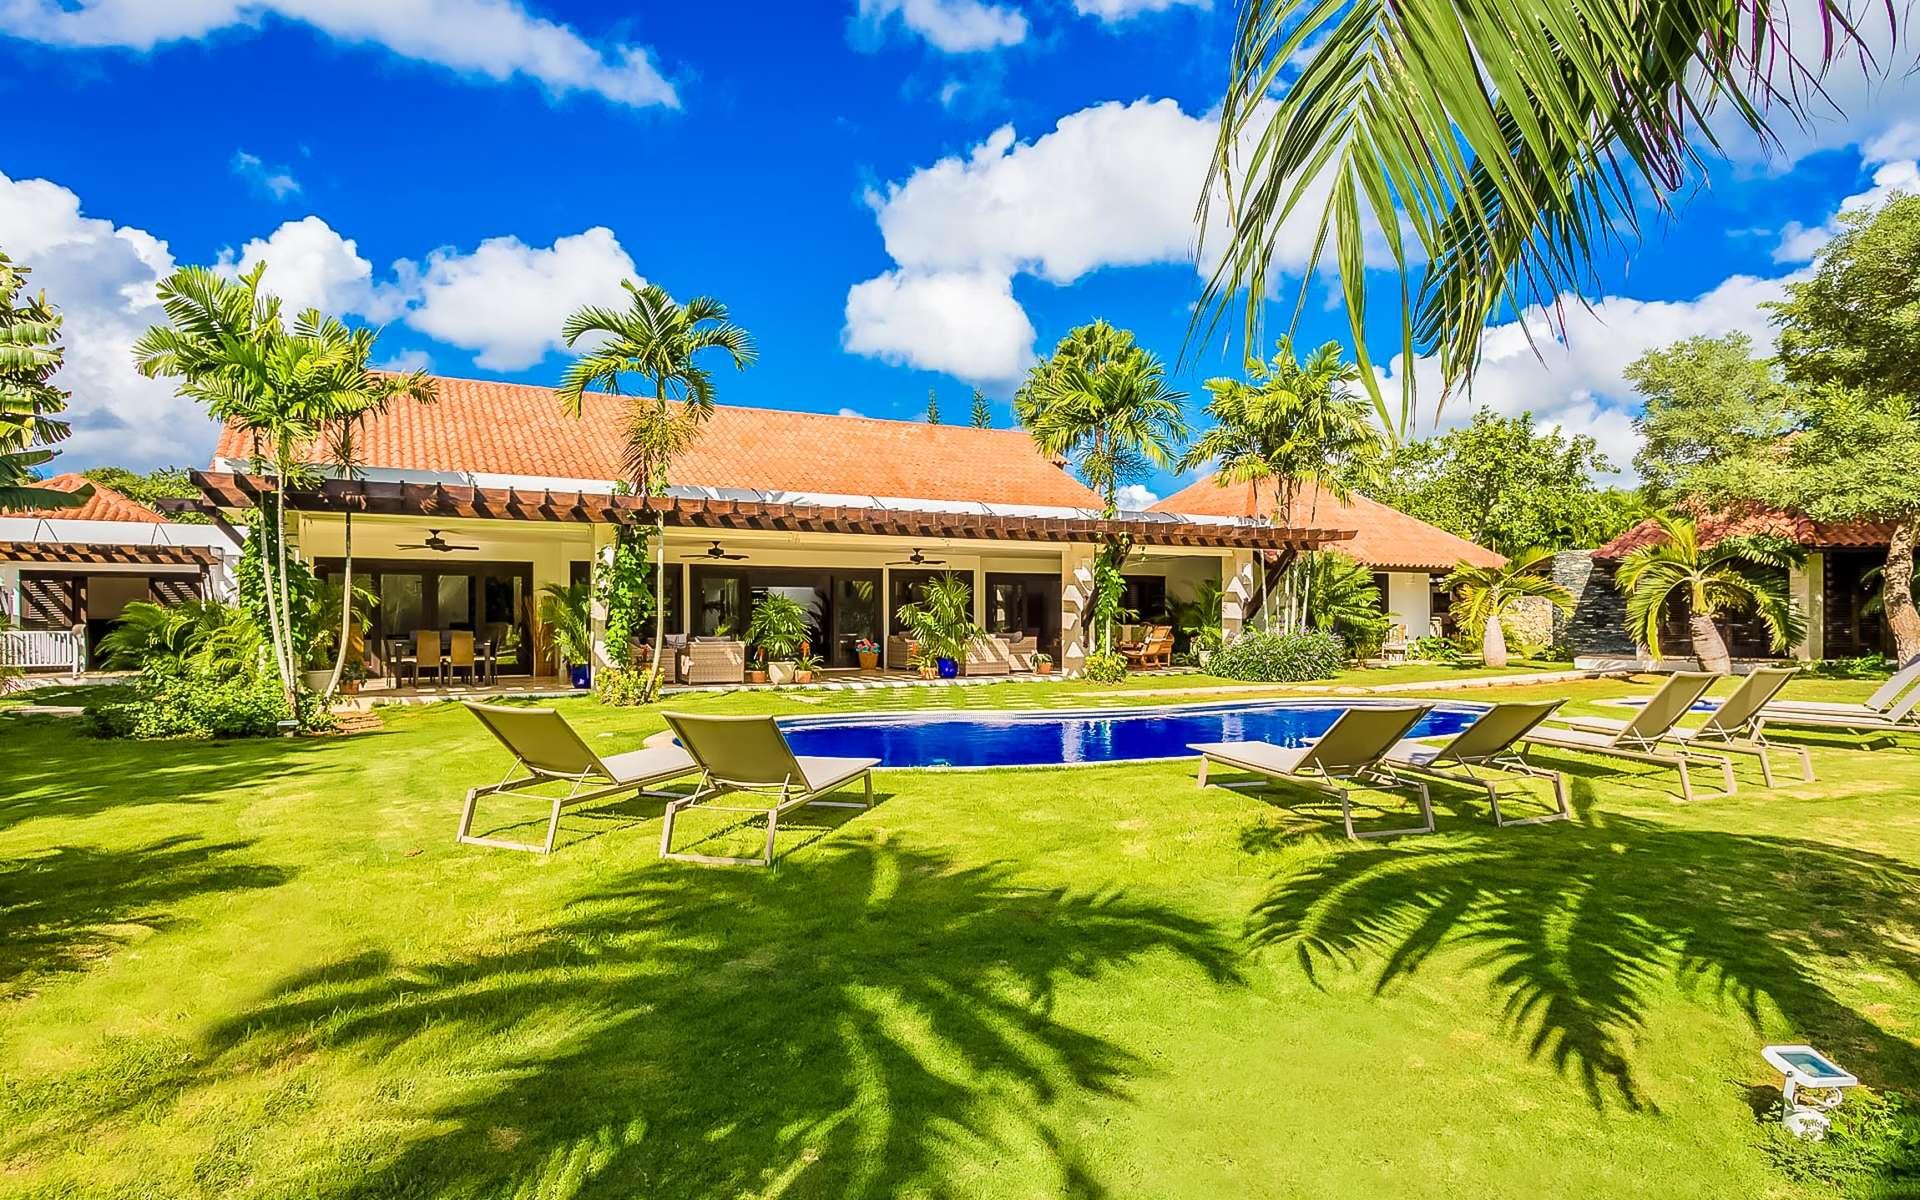 Luxury villa rentals caribbean - Dominican republic - Casa decampo - No location 4 - Los Mangos 18 - Image 1/17